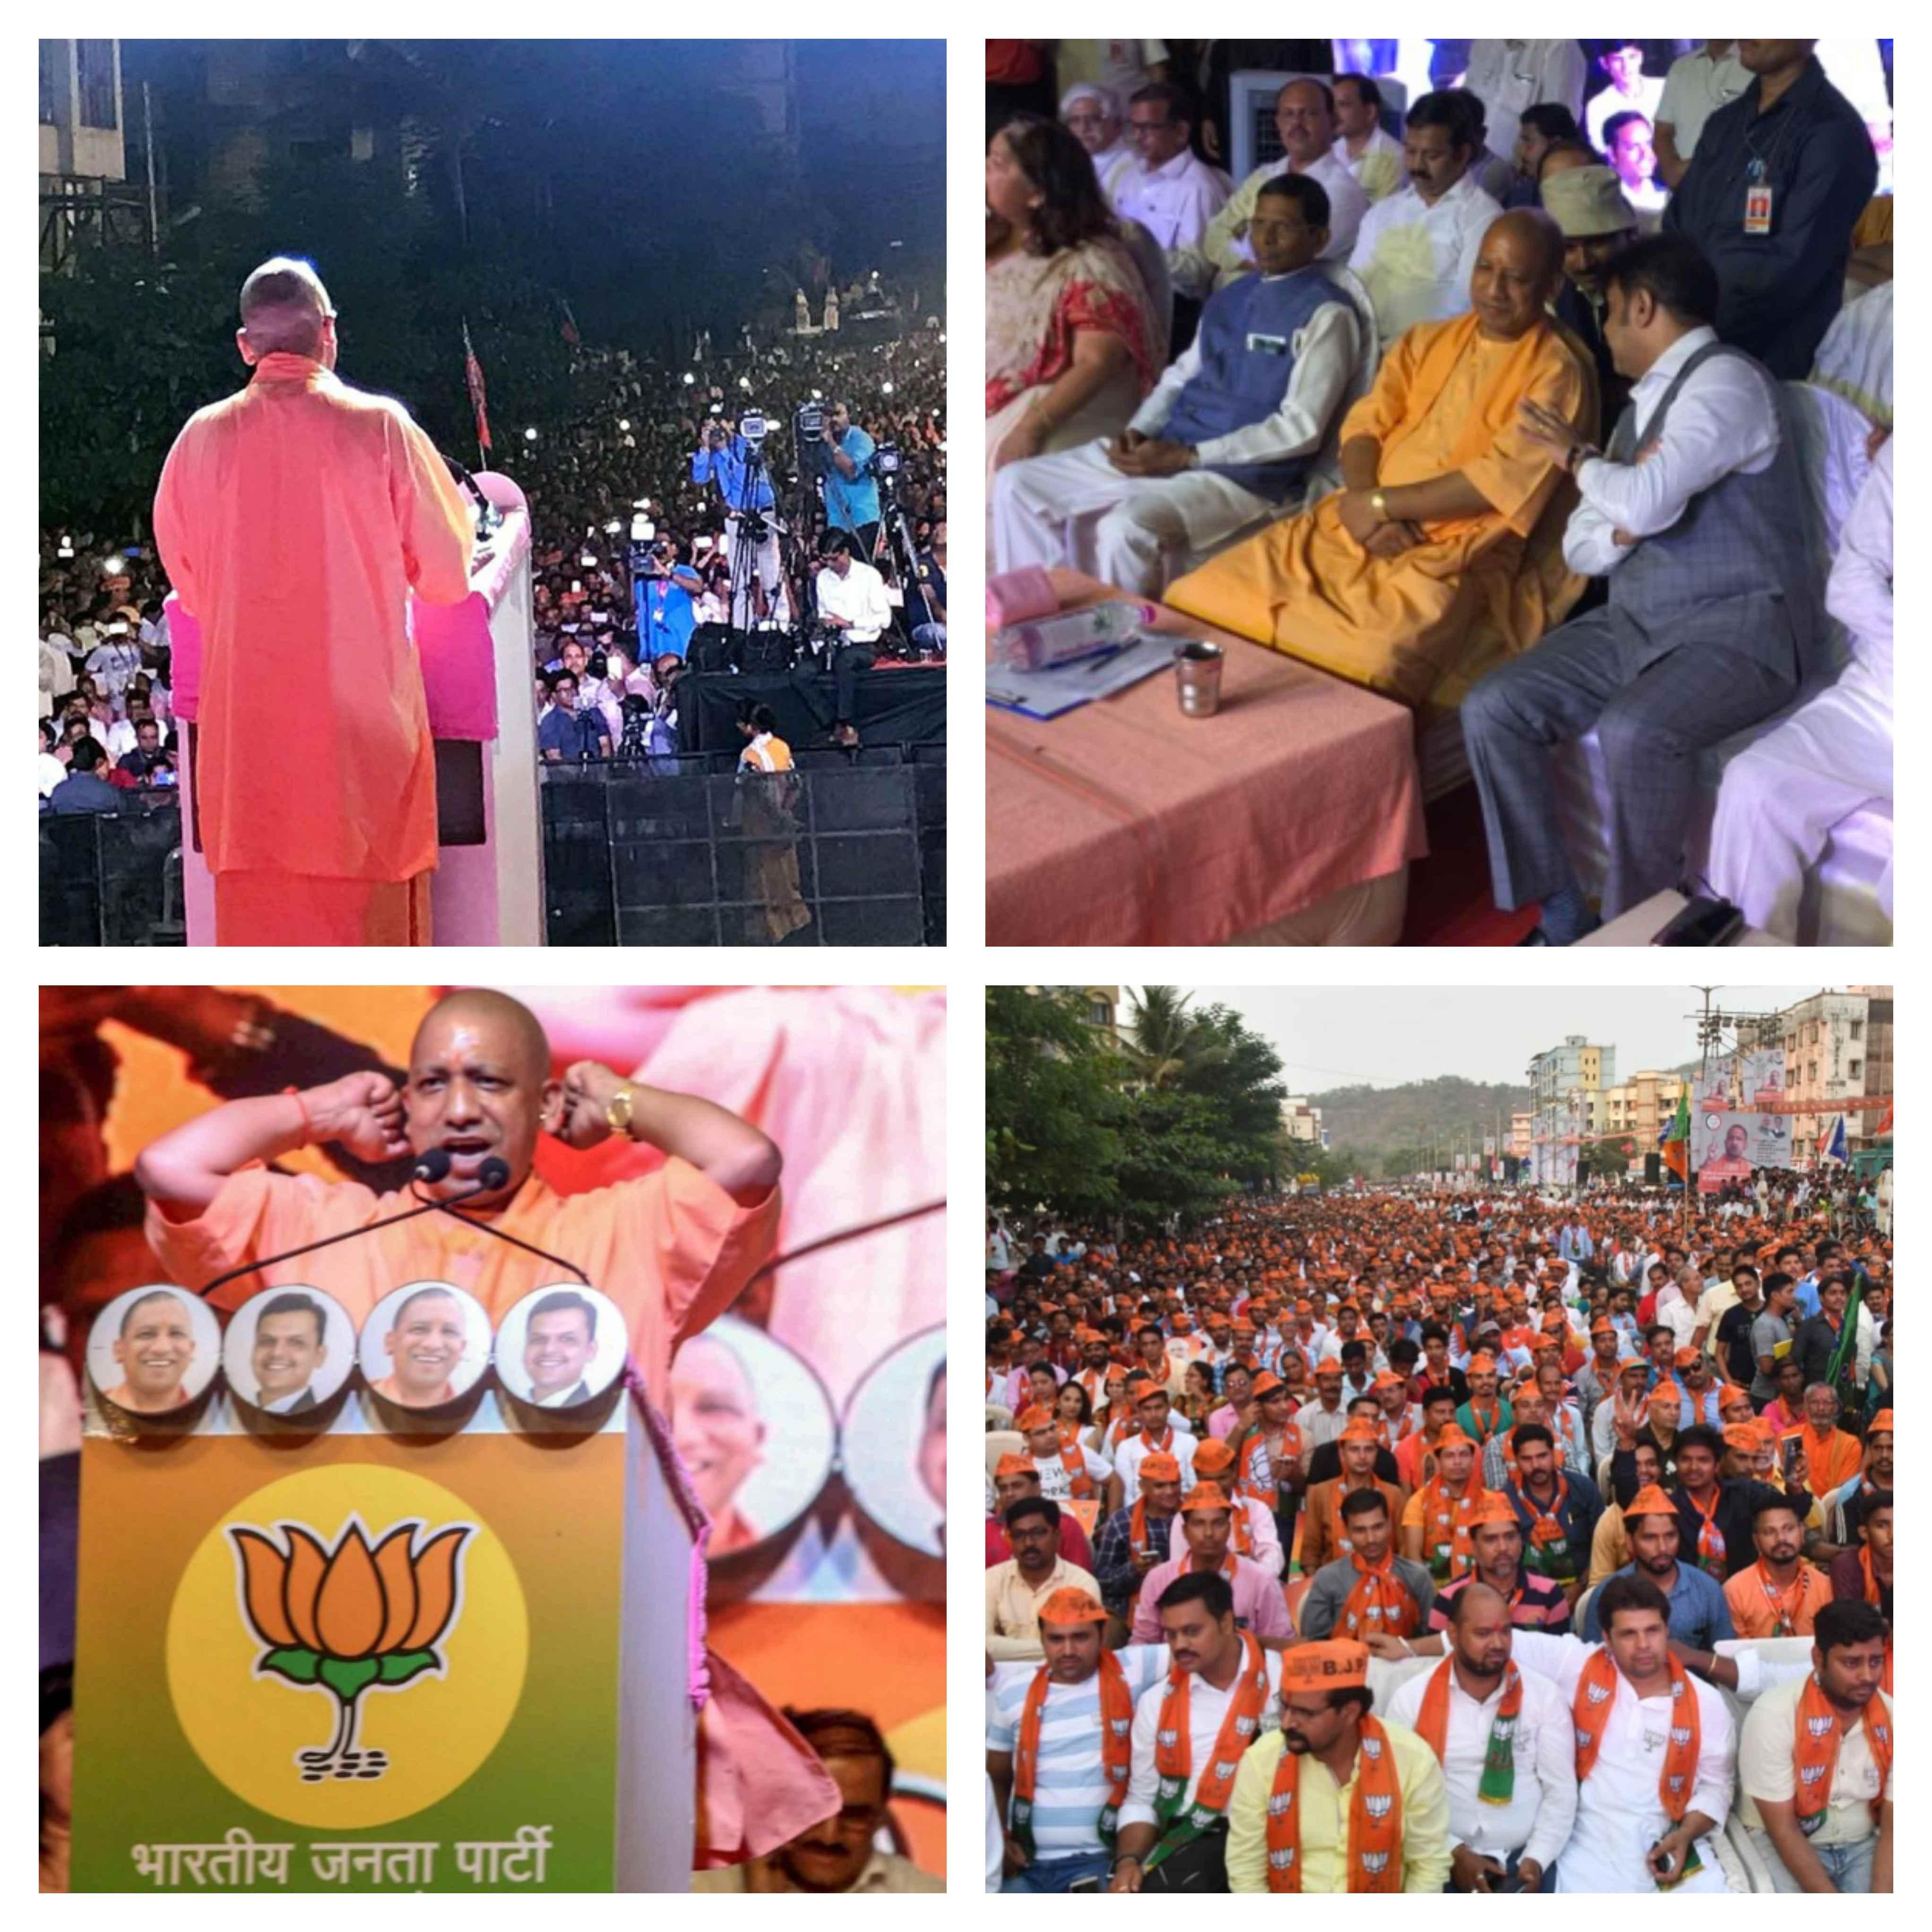 23 मई को पालघर में हुई भाजपा की रैली की तस्वीरें